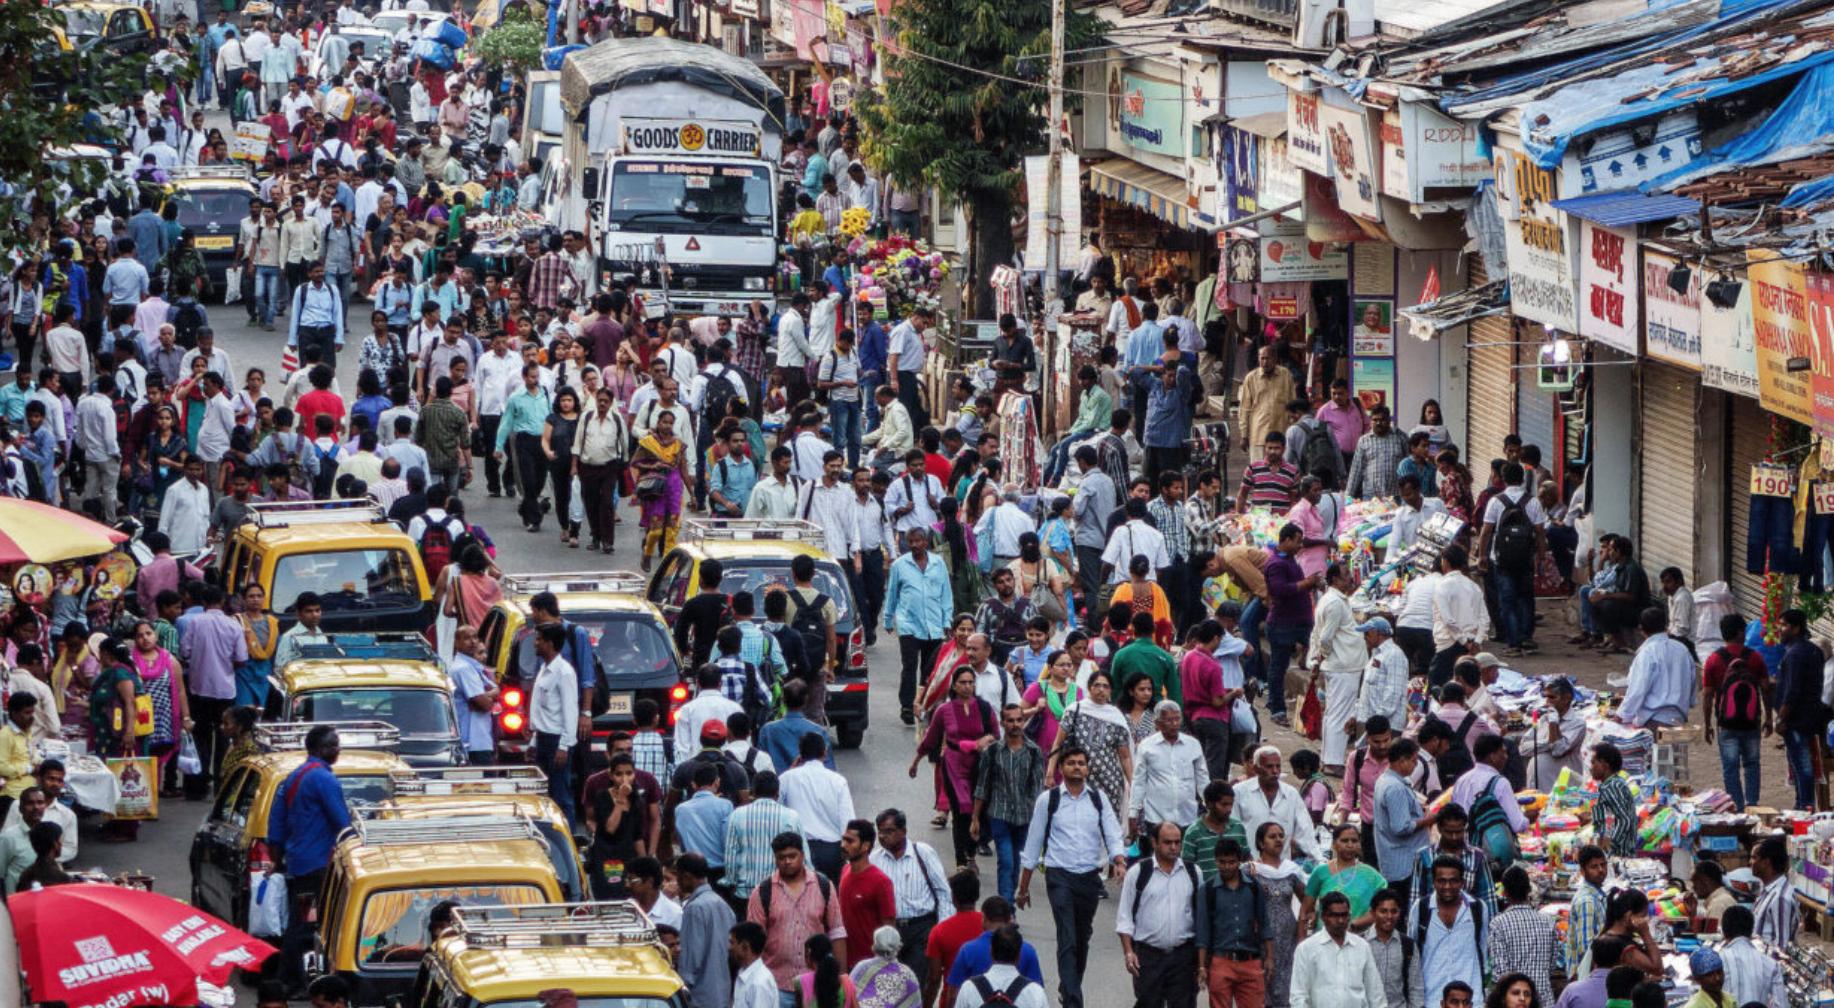 Met: Indland hefur bólusett 1,4 milljónir á einum degi